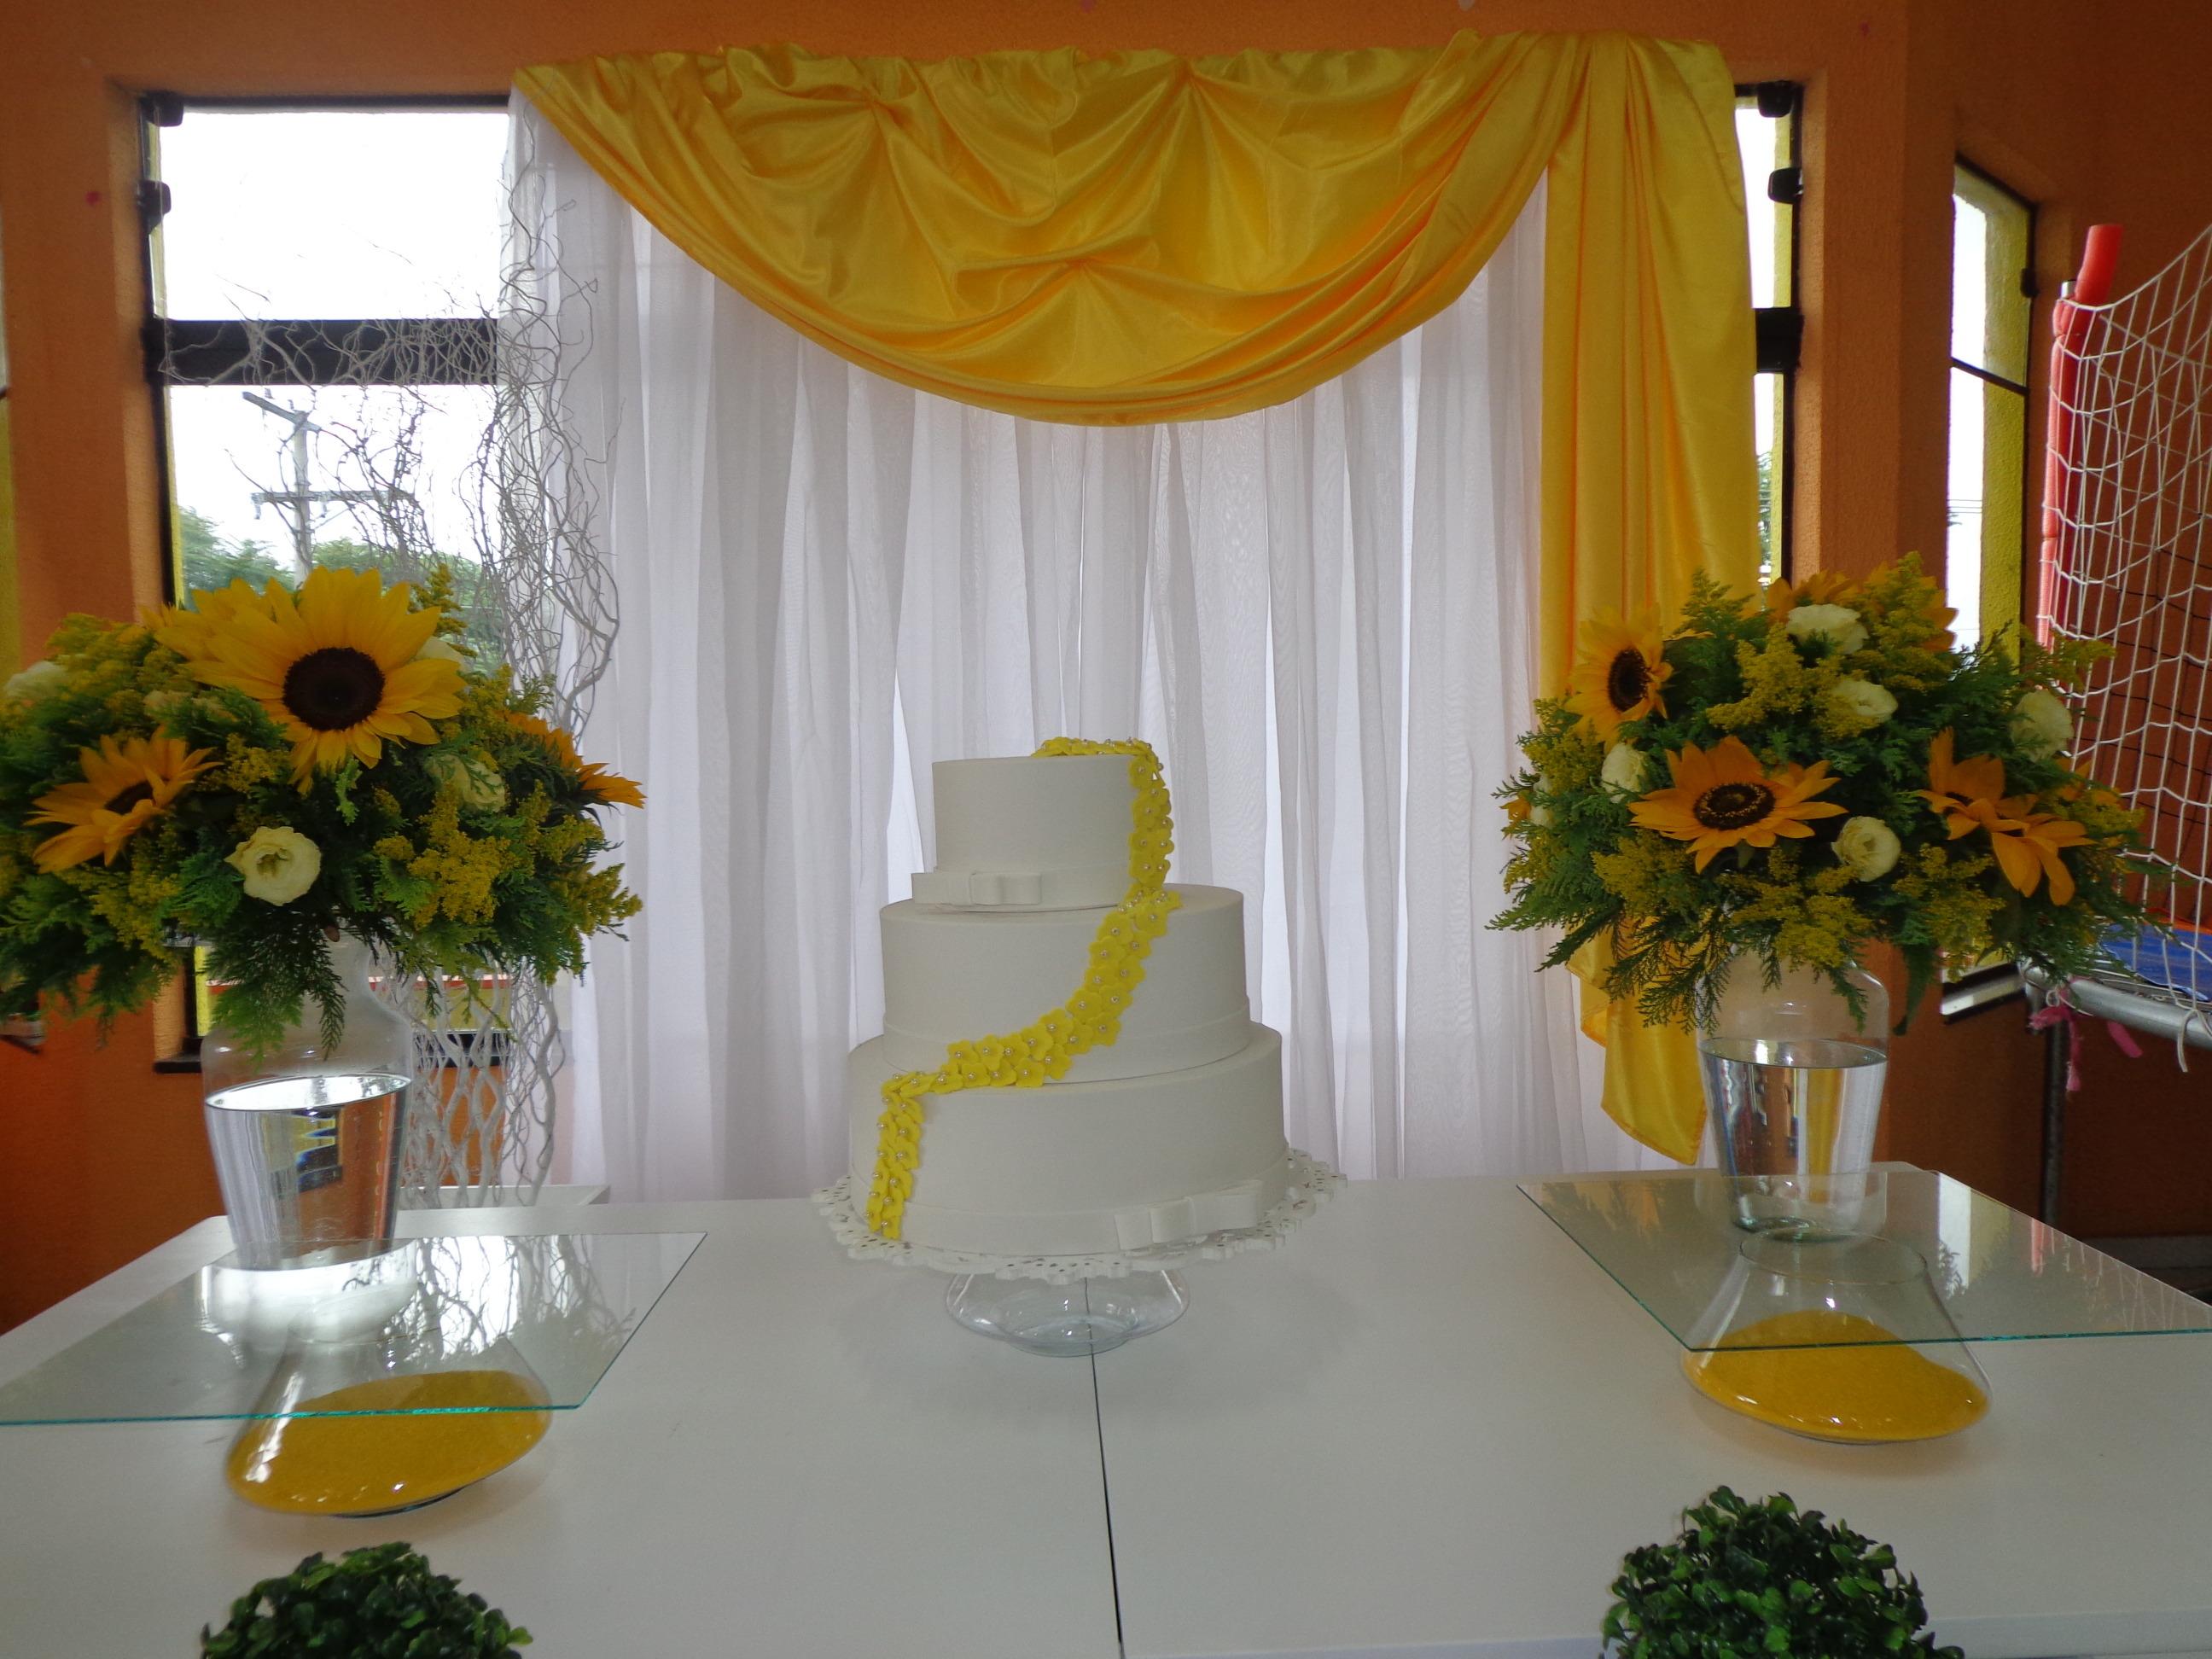 kit decoracao casamento – Doitricom -> Decoracao De Banheiro Para Festa De Casamento